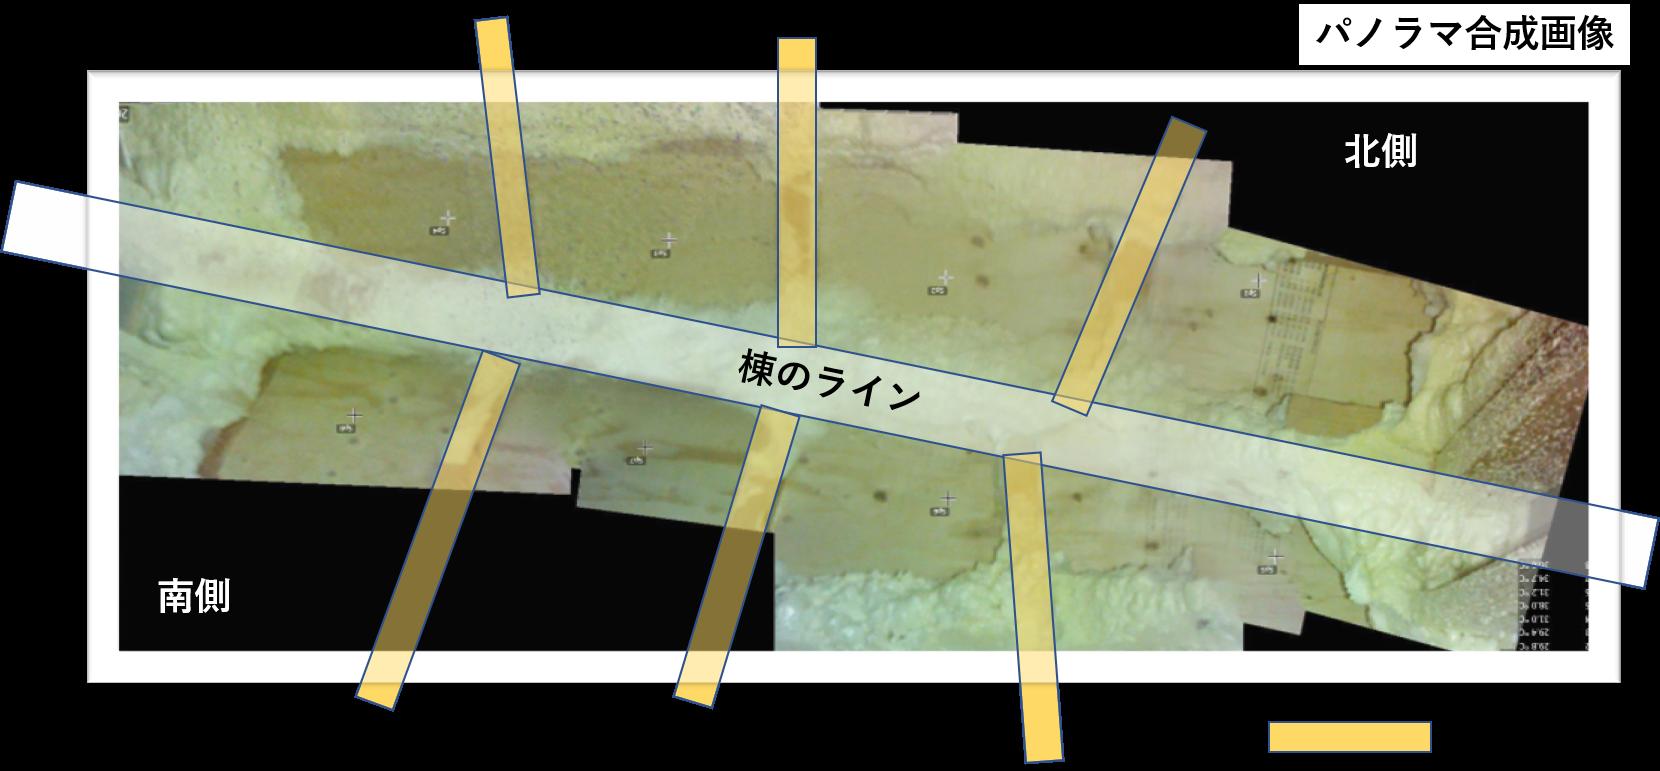 屋根の吹付け断熱材の写真